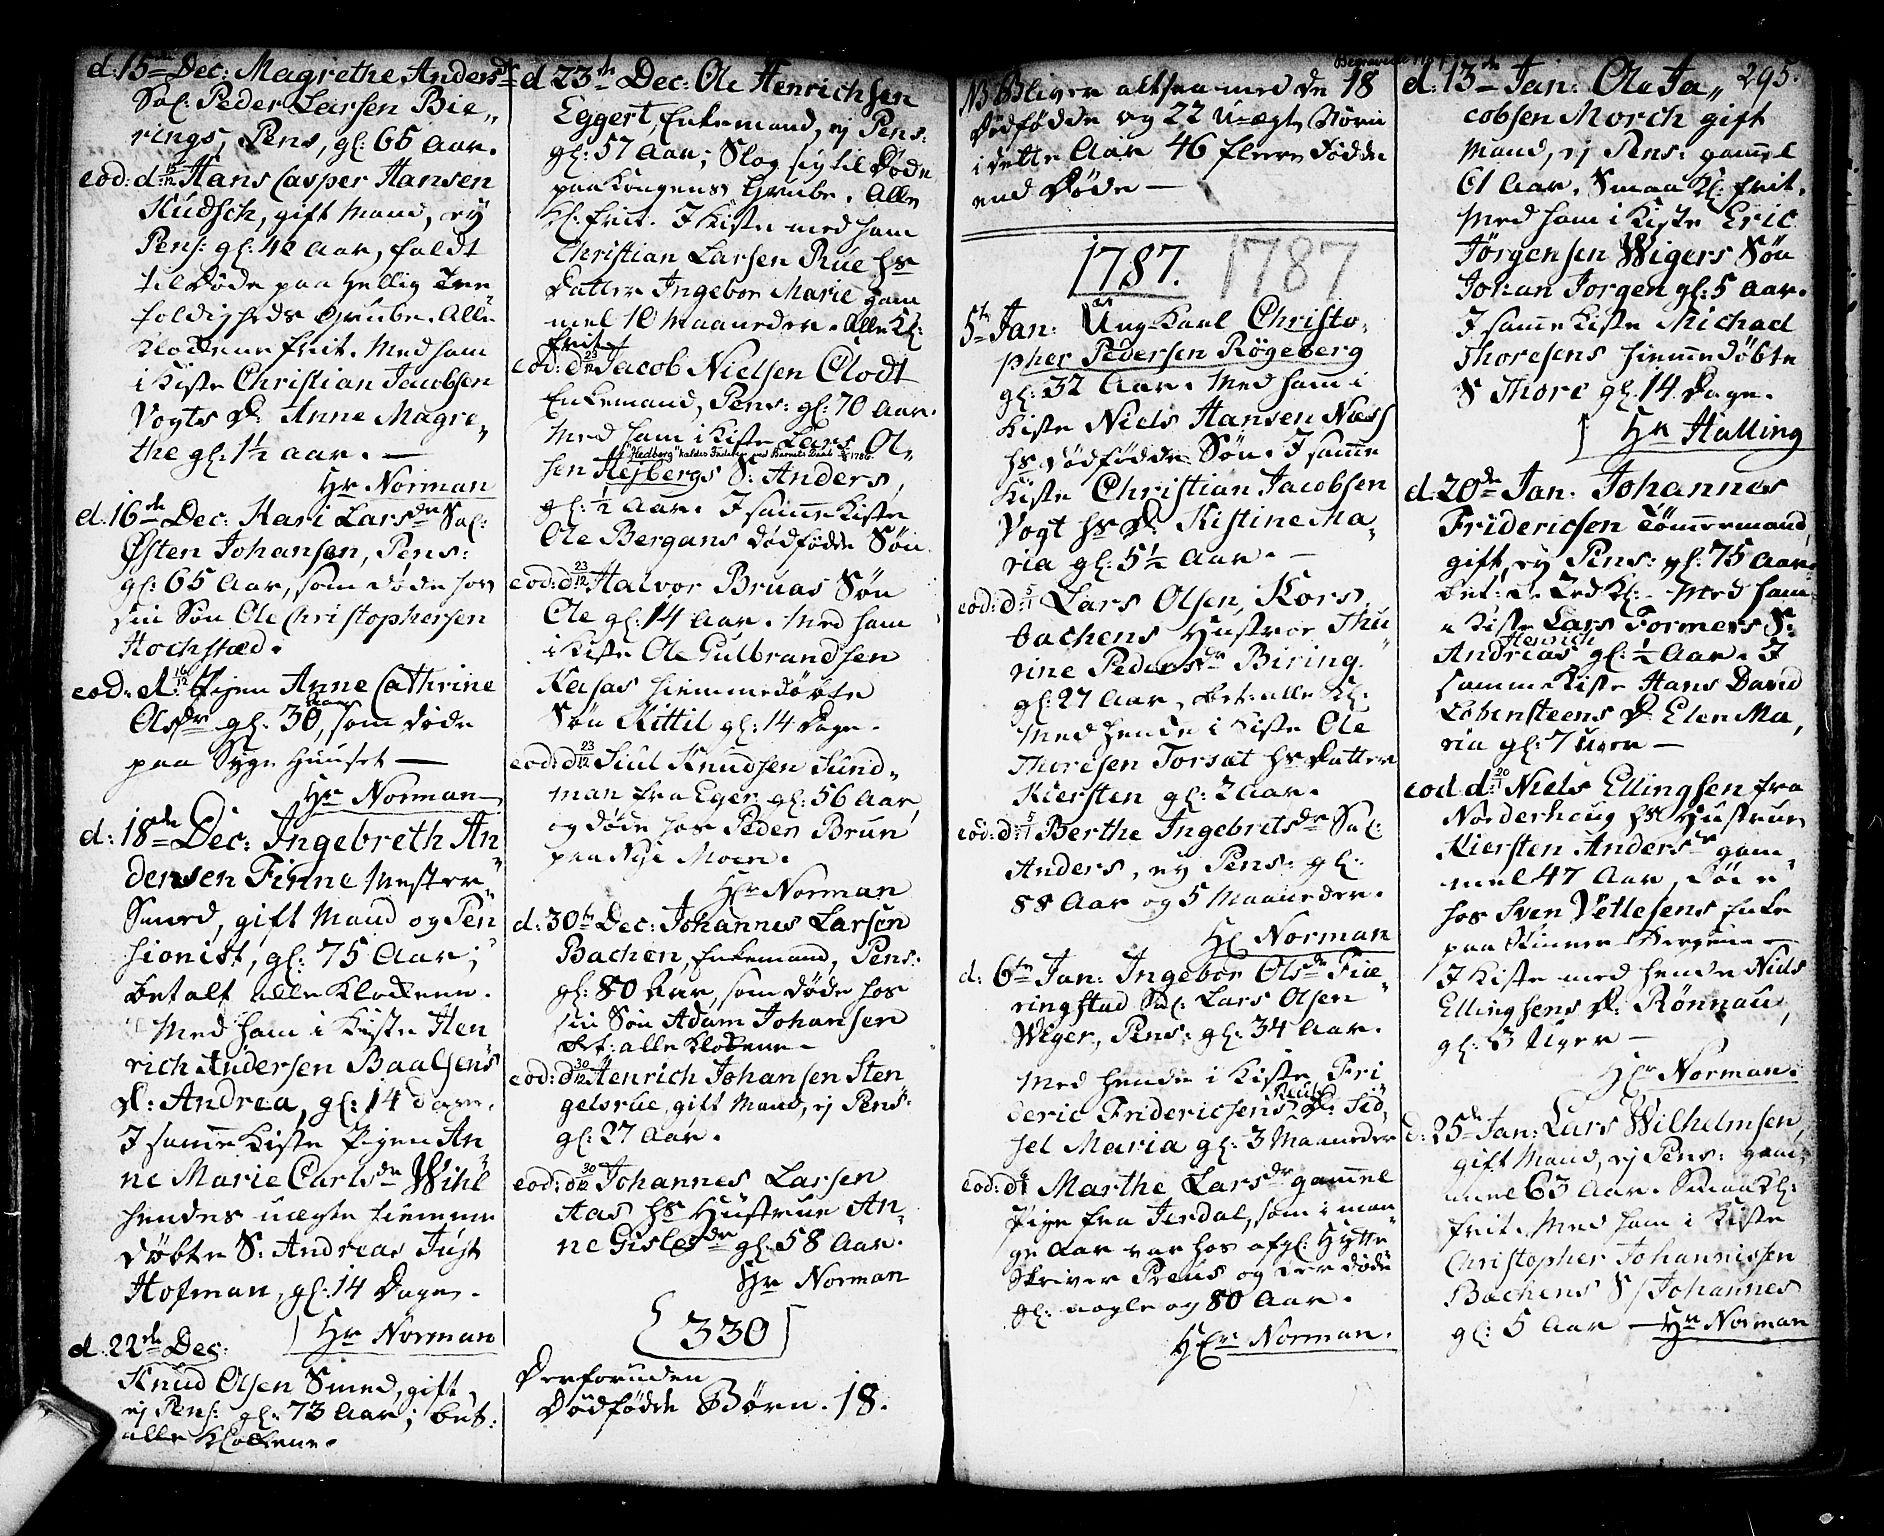 SAKO, Kongsberg kirkebøker, F/Fa/L0006: Ministerialbok nr. I 6, 1783-1797, s. 295